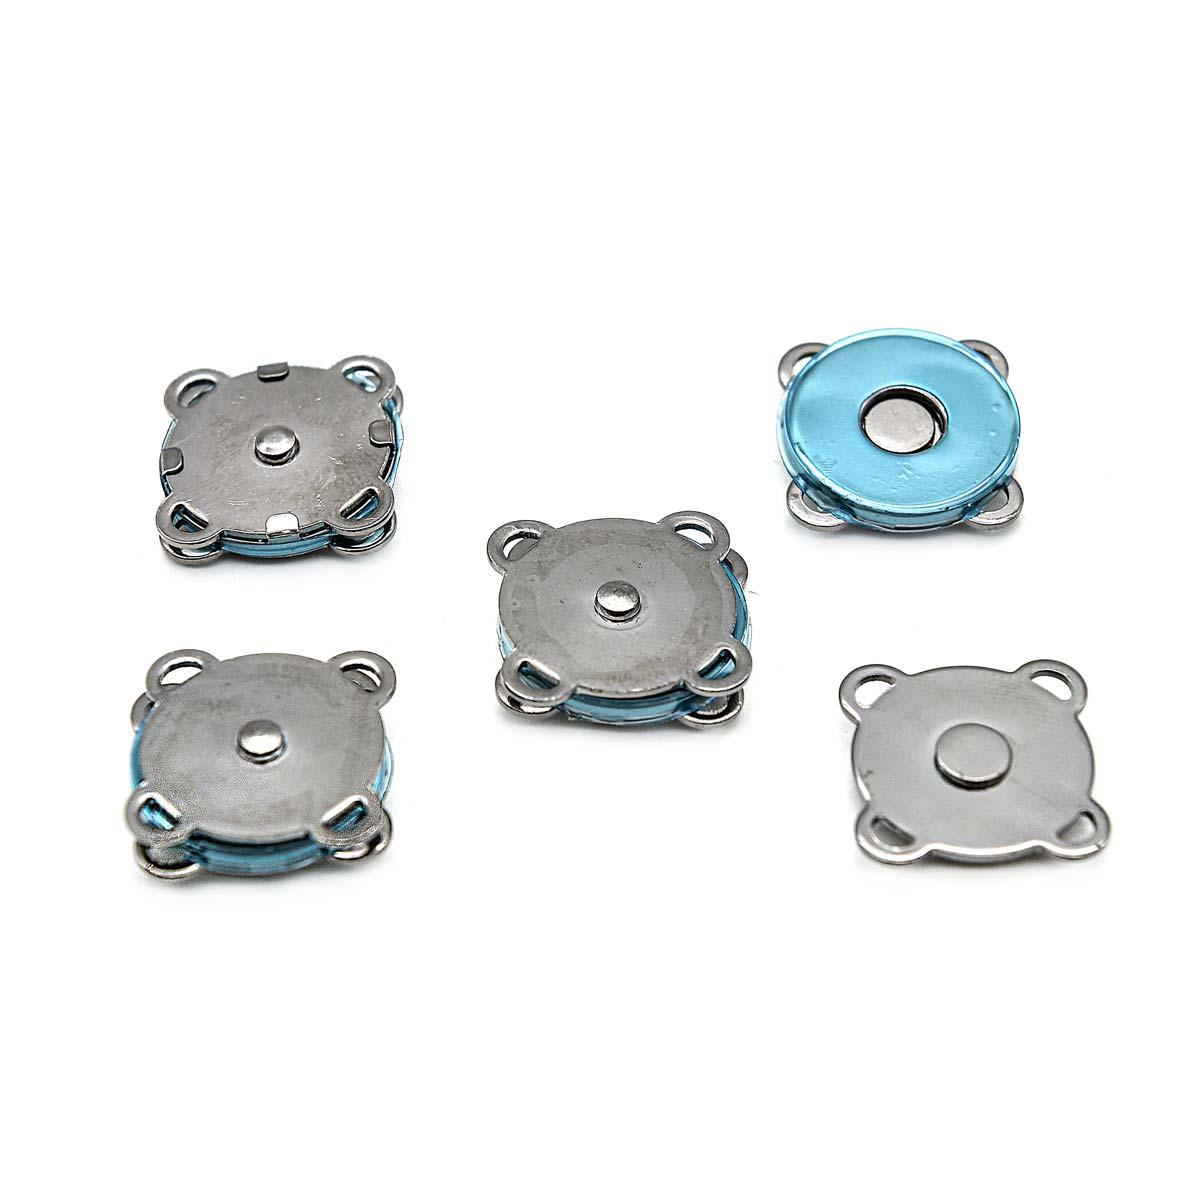 Кнопка магнитная, пришивная 62146, 18 мм черный никель, упаковка, 4 шт., Hobby&Pro